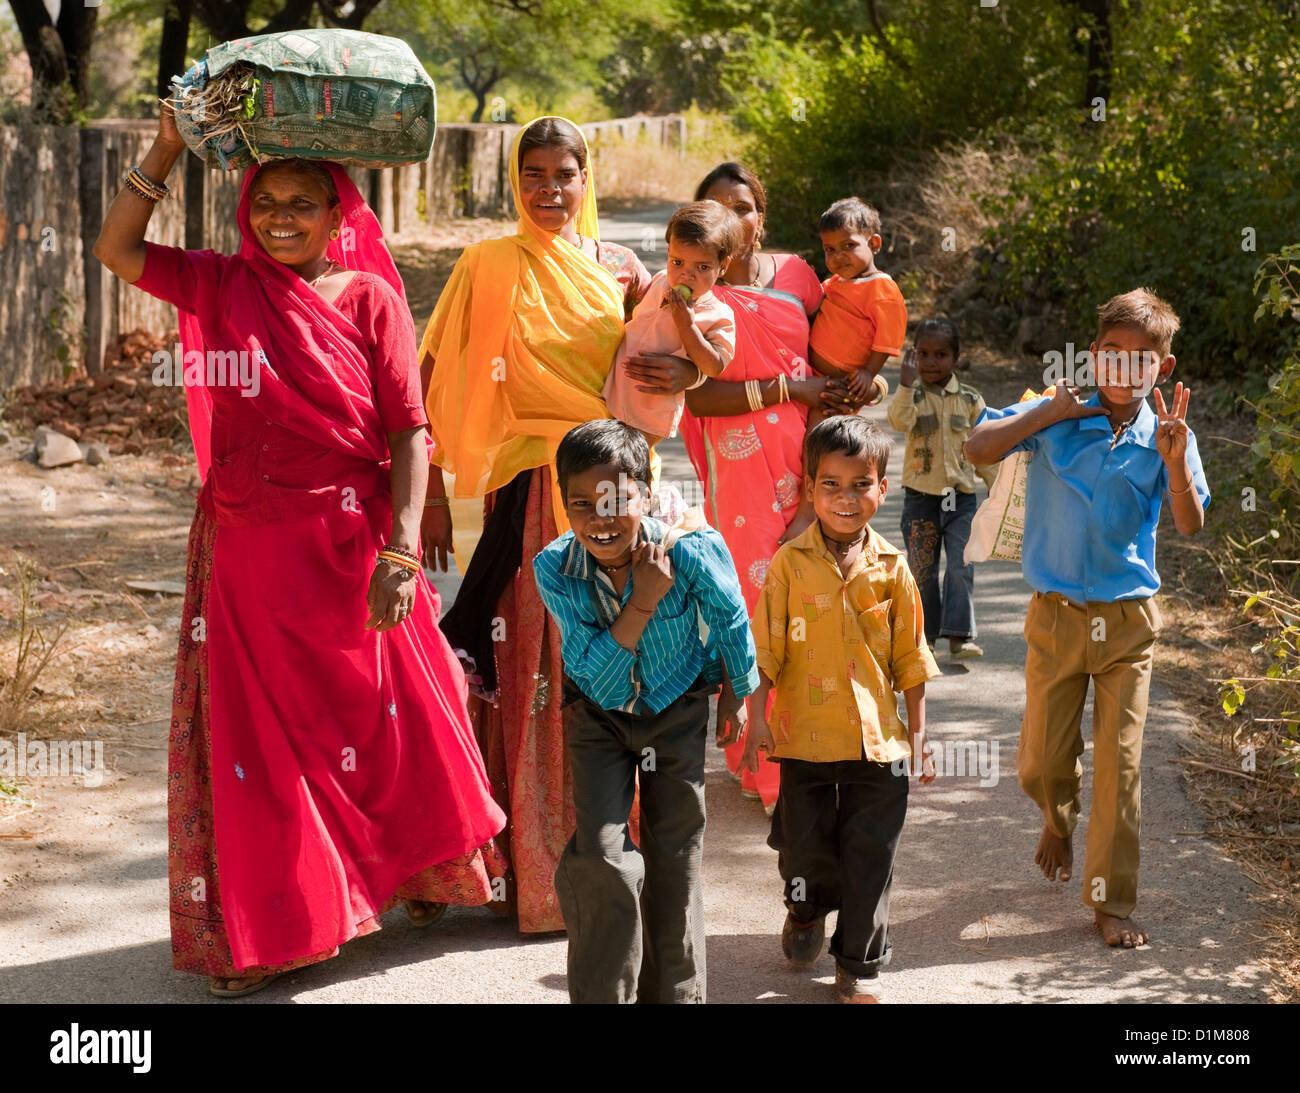 Un felice sorridente colorata famiglia indiana gruppo di donne ragazzi ragazze e un bambino di ritorno da shopping Foto Stock